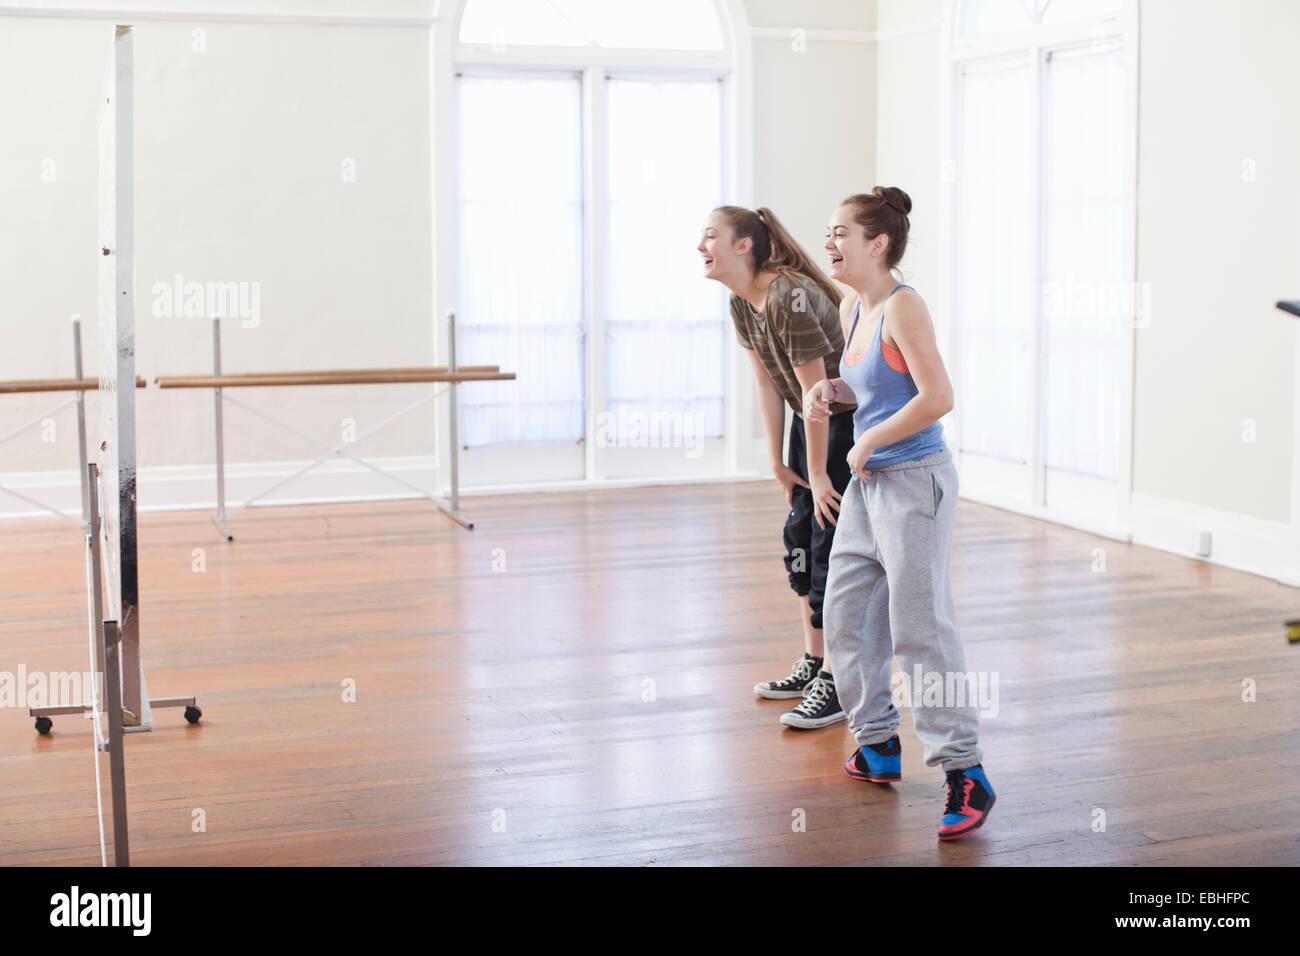 Due ragazze adolescenti facendo warm up danza nella scuola di danza Immagini Stock